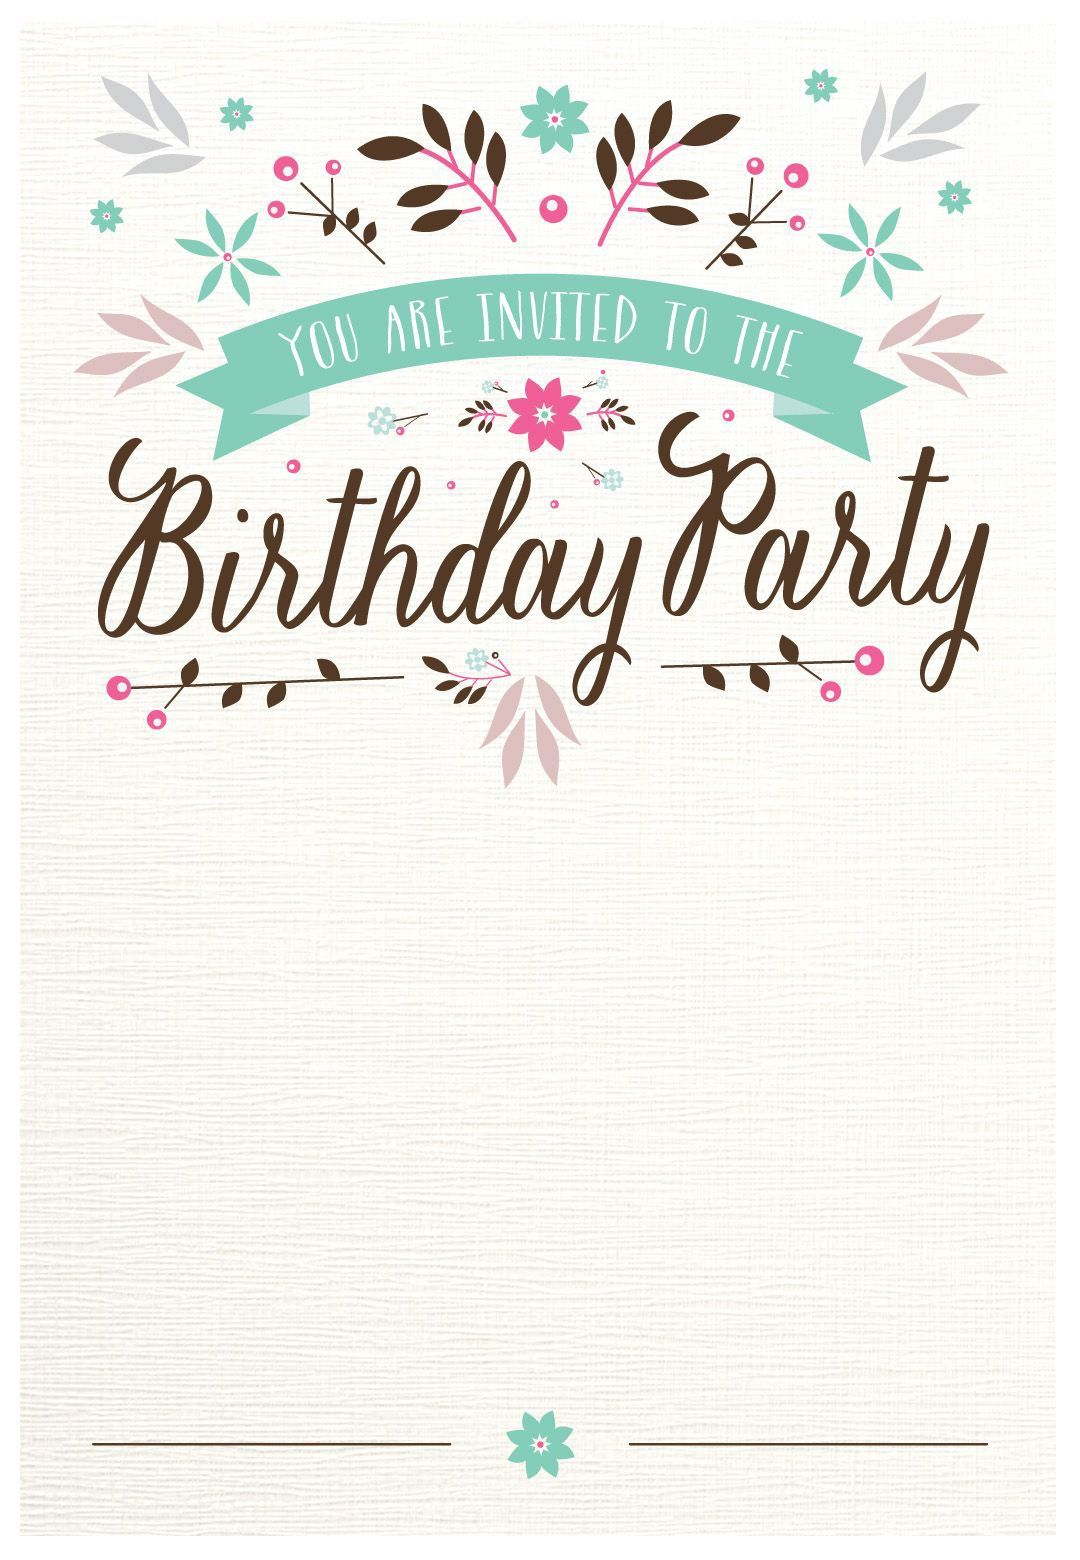 Einladungskarten Einladungen Geburtstag Vorlagen Einladung Insparadies Vorlage Einladung Kindergeburtstag Einladung Geburtstag Geburtstag Einladung Vorlage